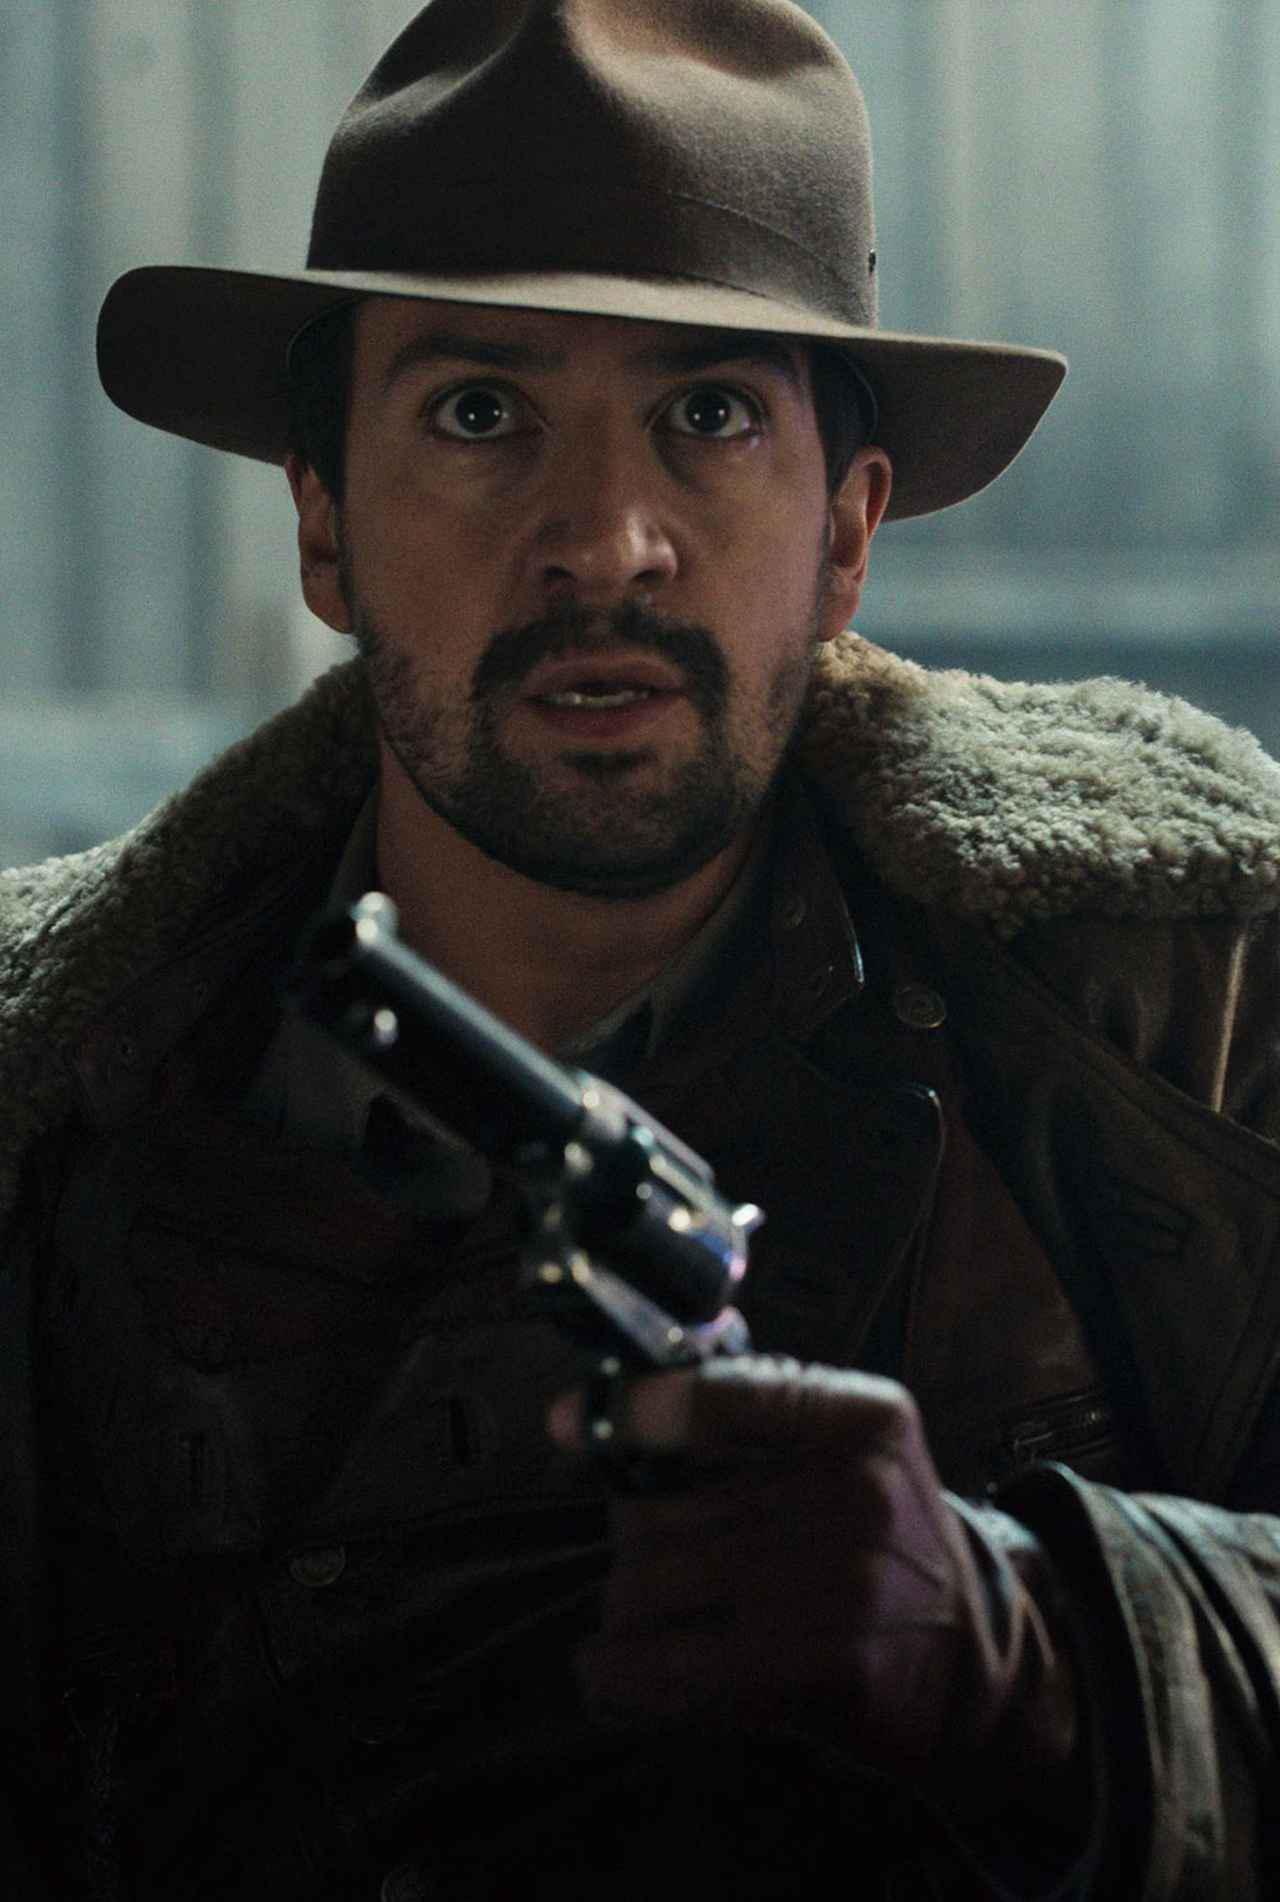 画像6: HBO®×BBC大ヒットファンタジードラマ 待望のシーズン2がいよいよ開始!【スターチャンネル×SCREEN気になる特集】